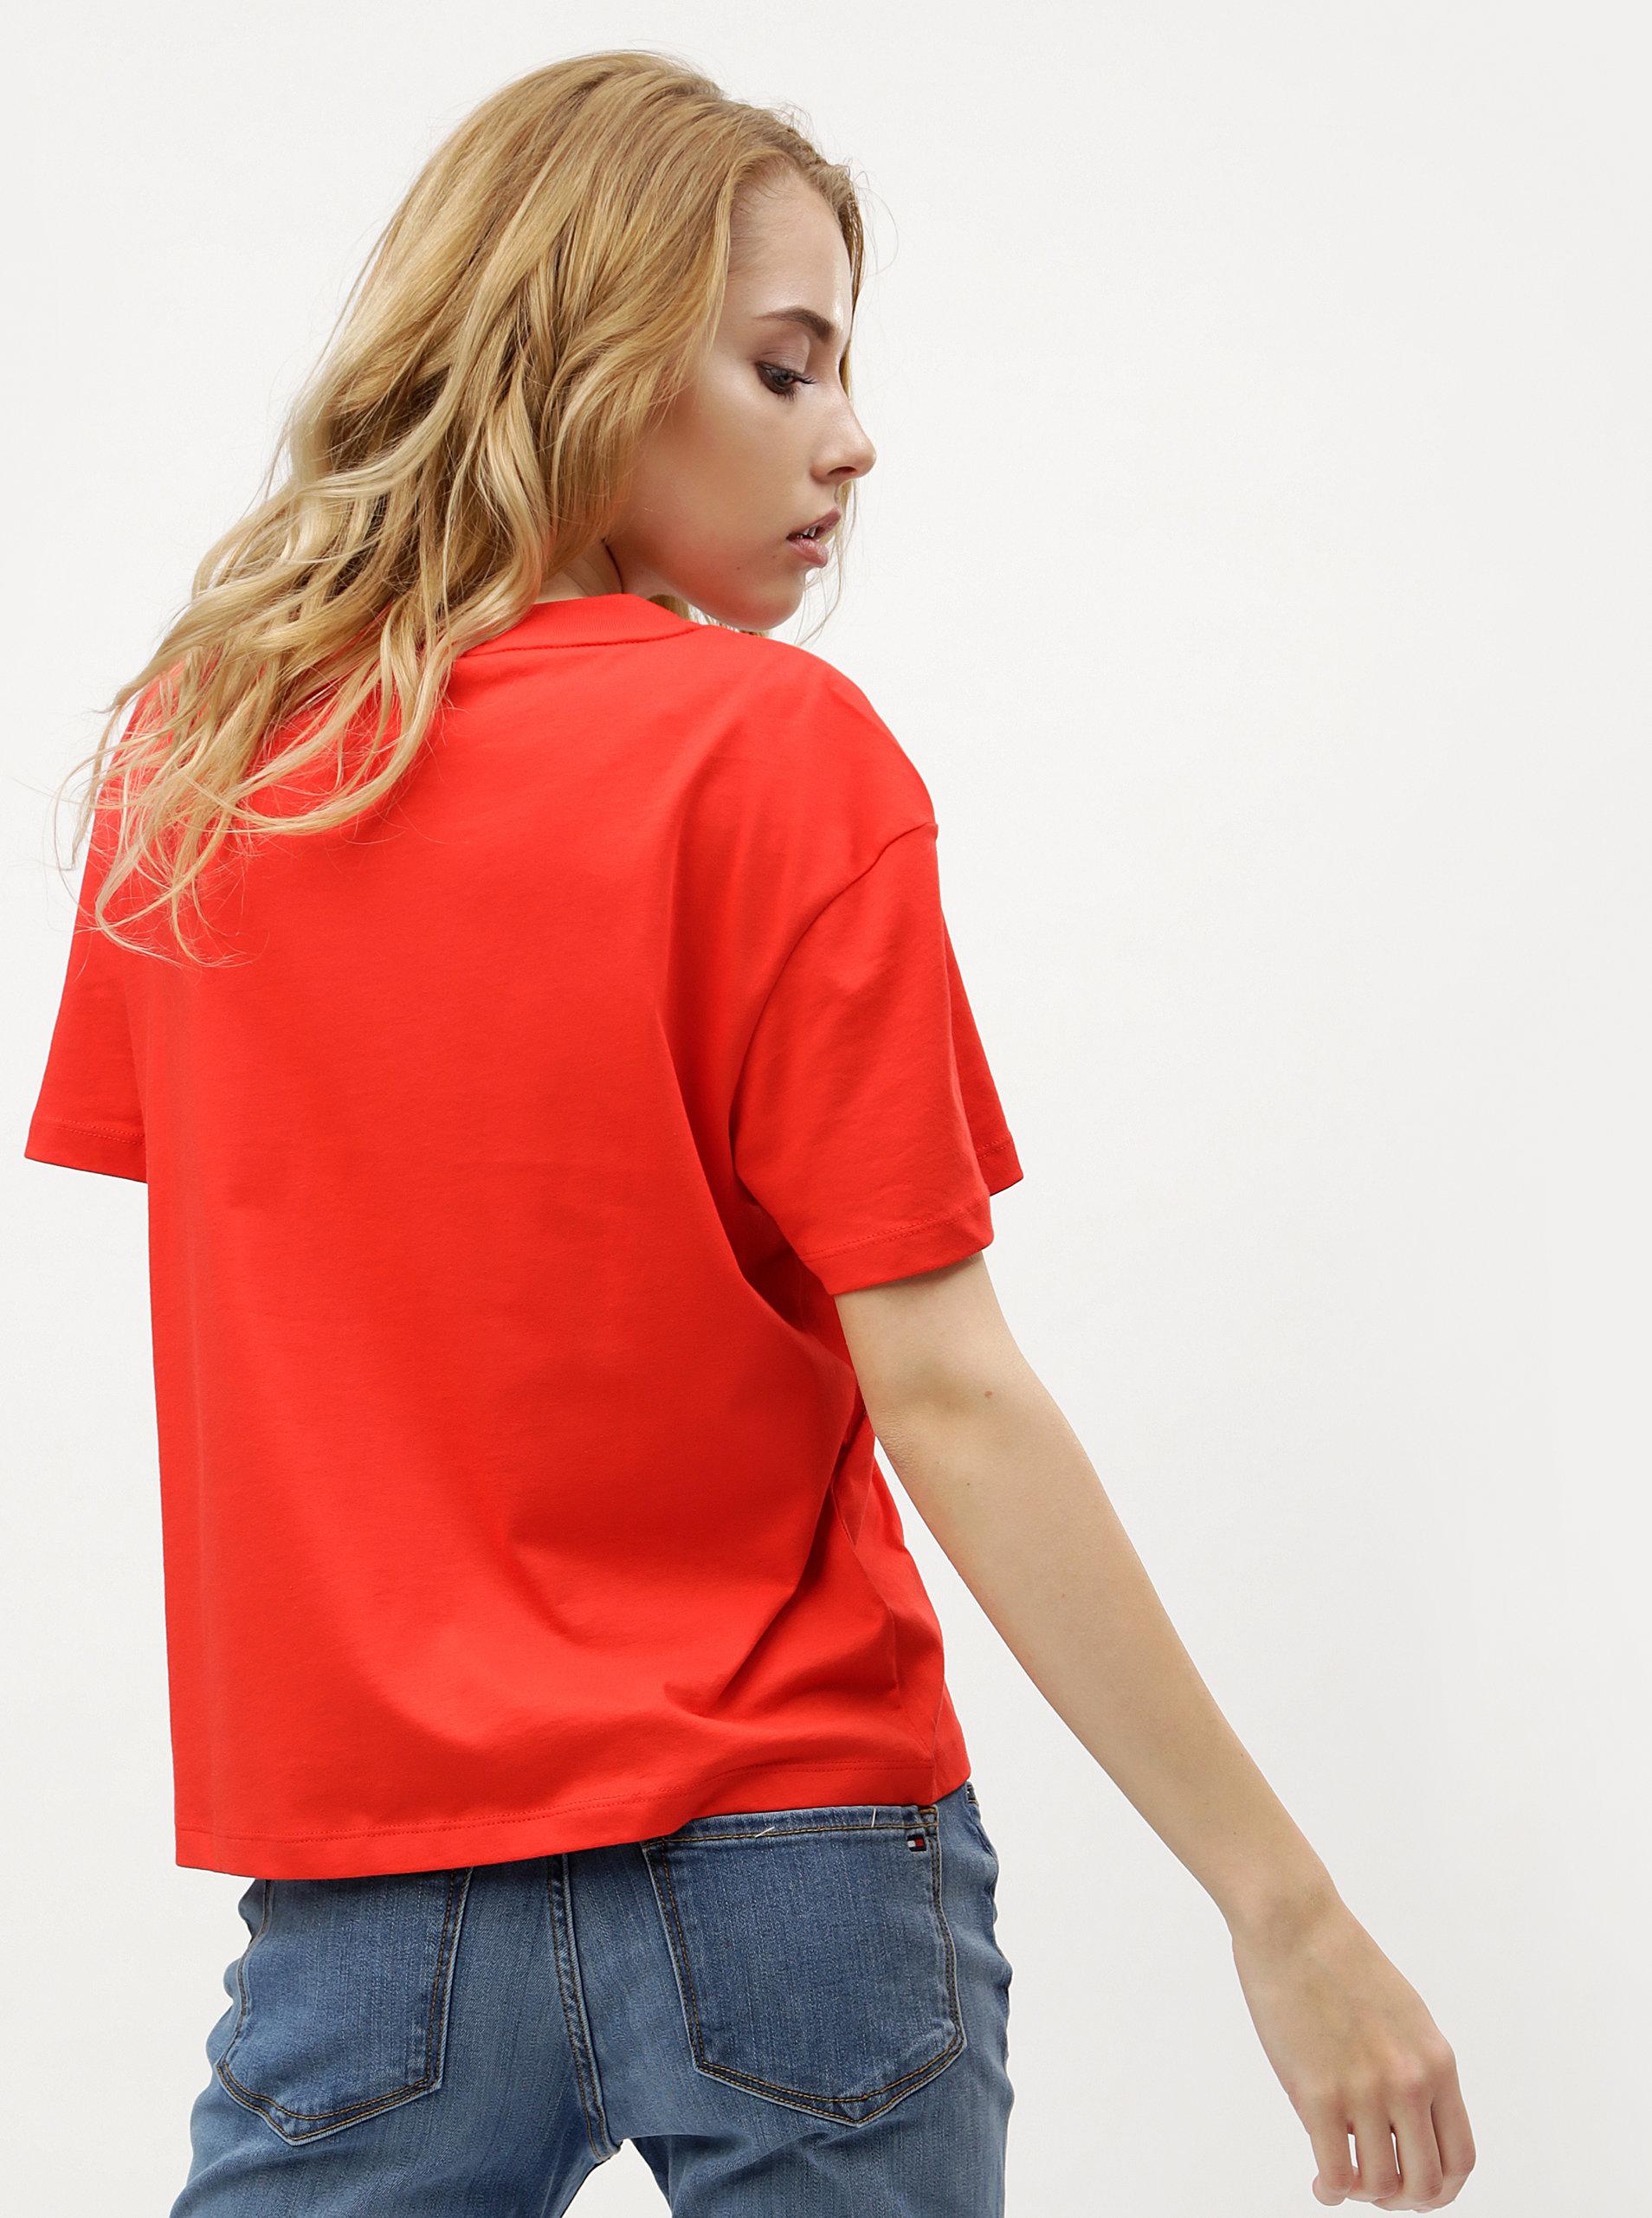 Červené dámské tričko Tommy Hilfiger ... 0d8e6a238c1